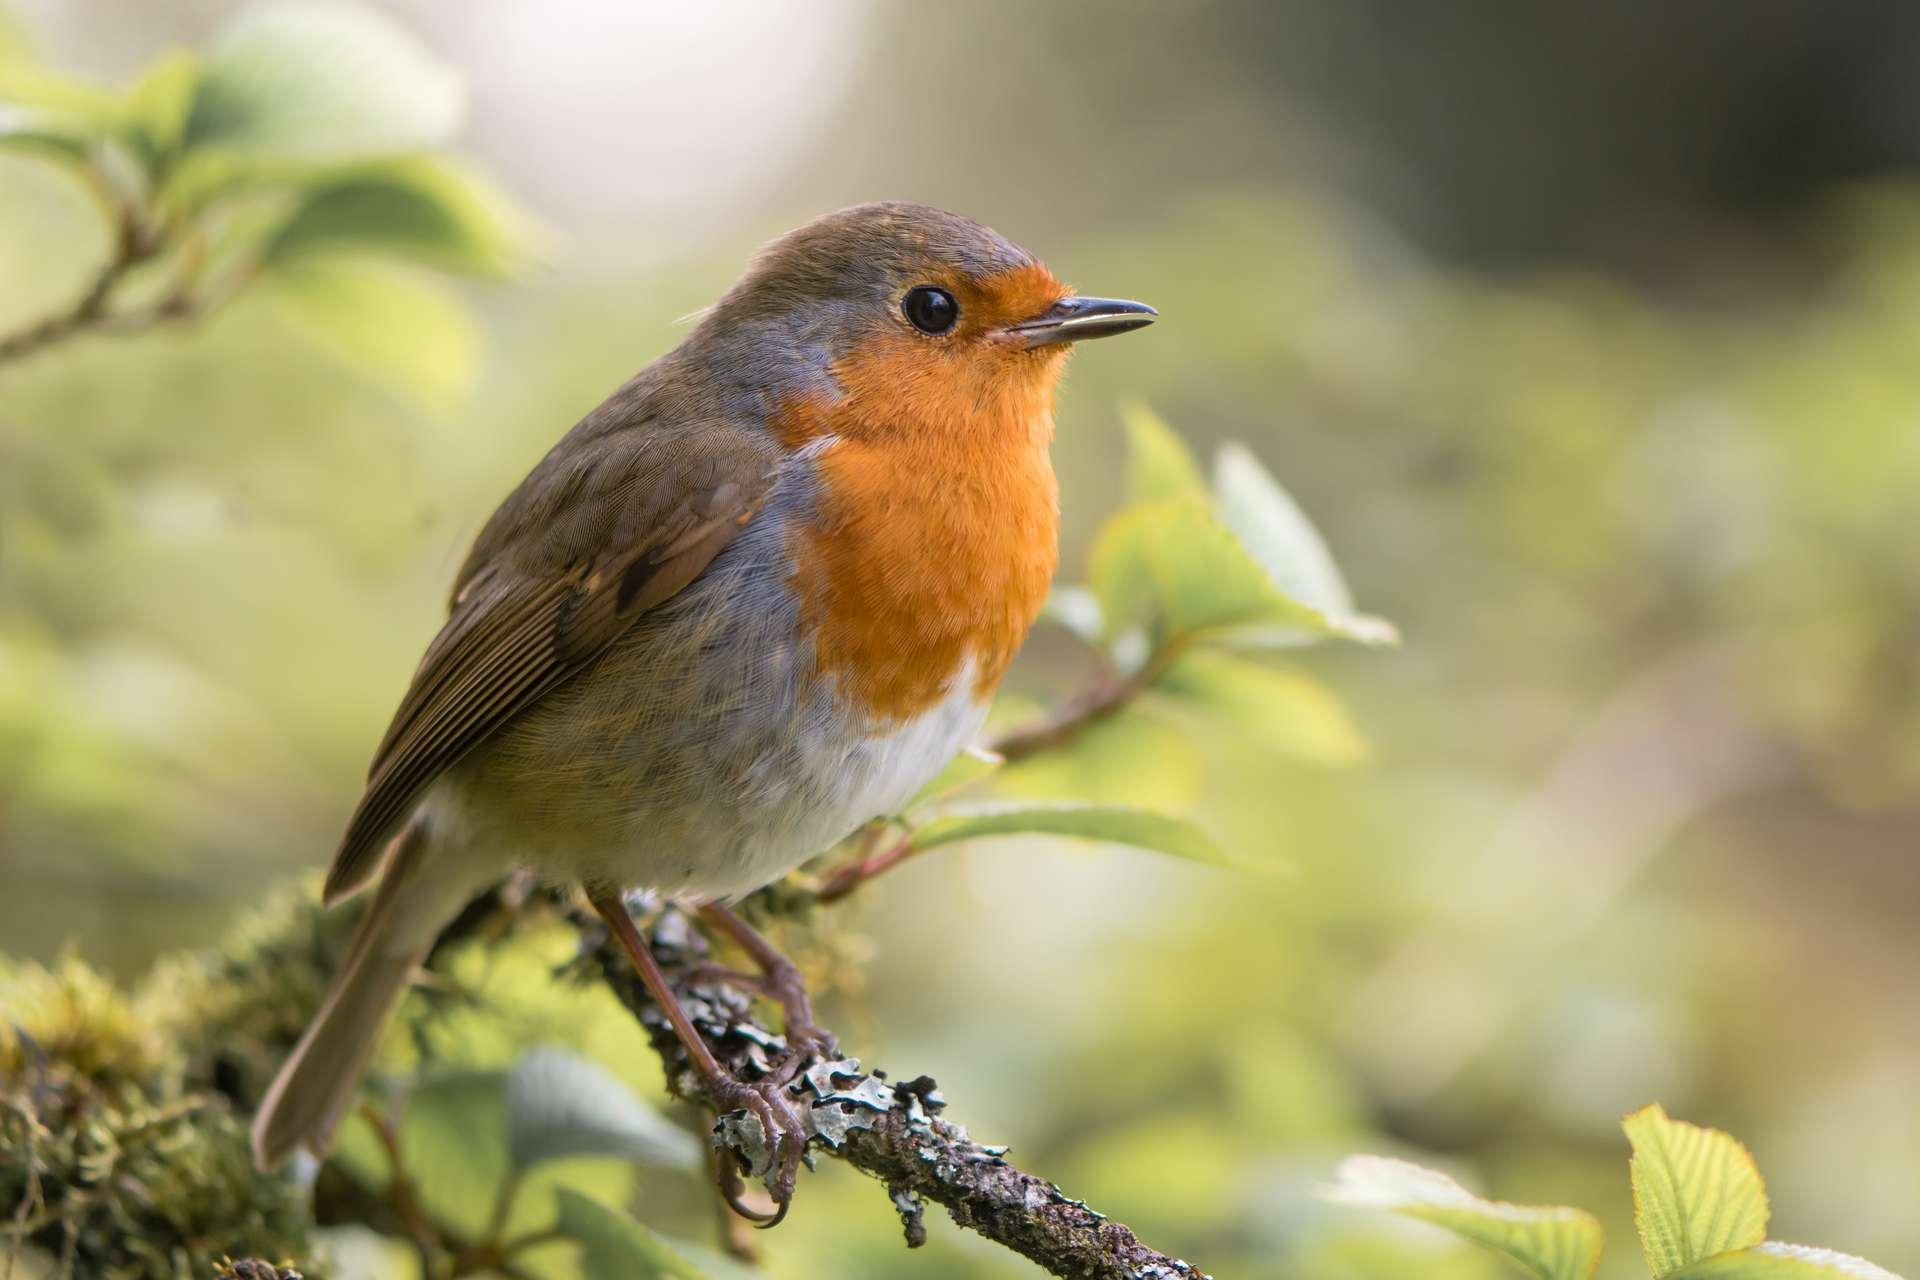 En France, 578 espèces d'oiseaux ont été répertoriées. © Iredding01, Adobe Stock